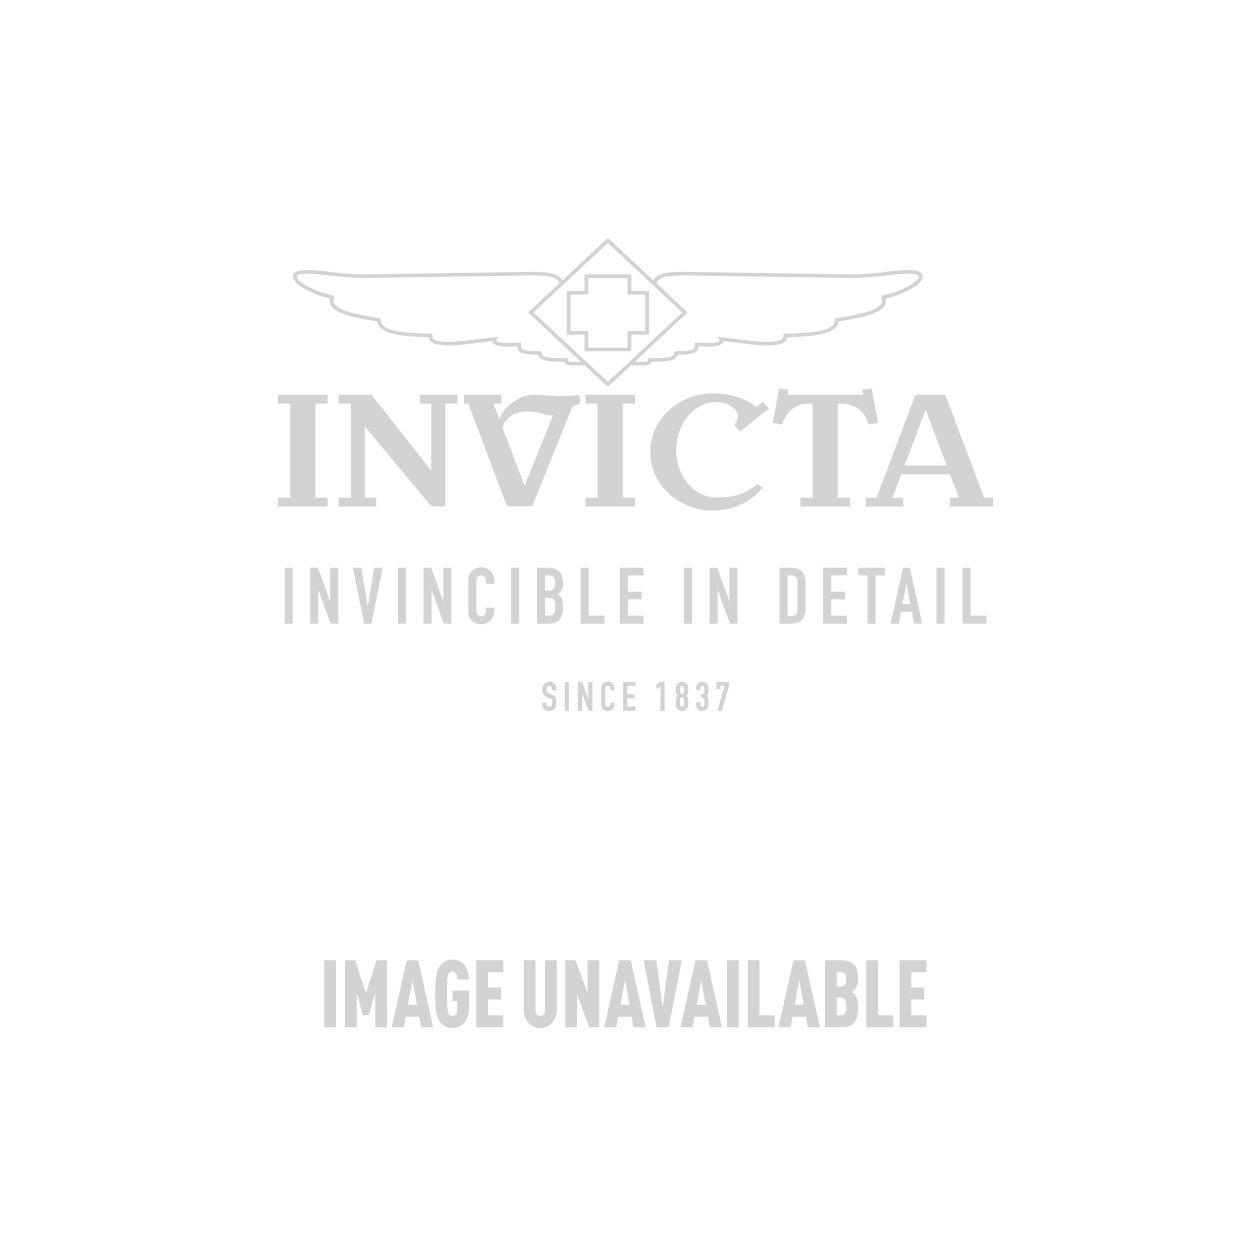 Invicta Model 25983